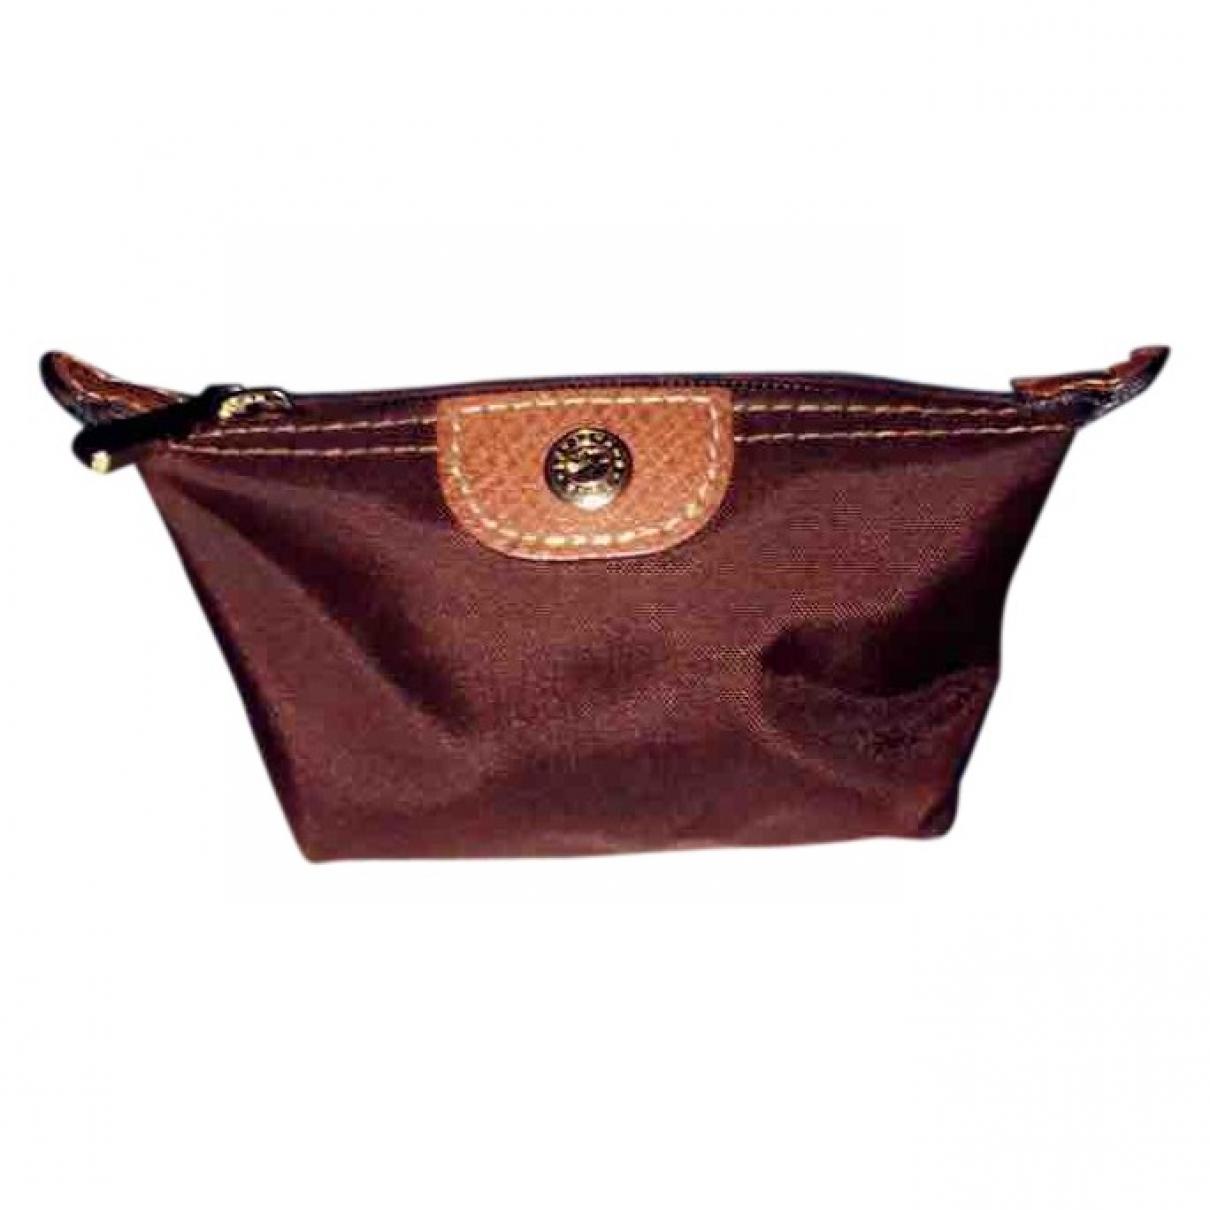 Longchamp \N Brown wallet for Women \N